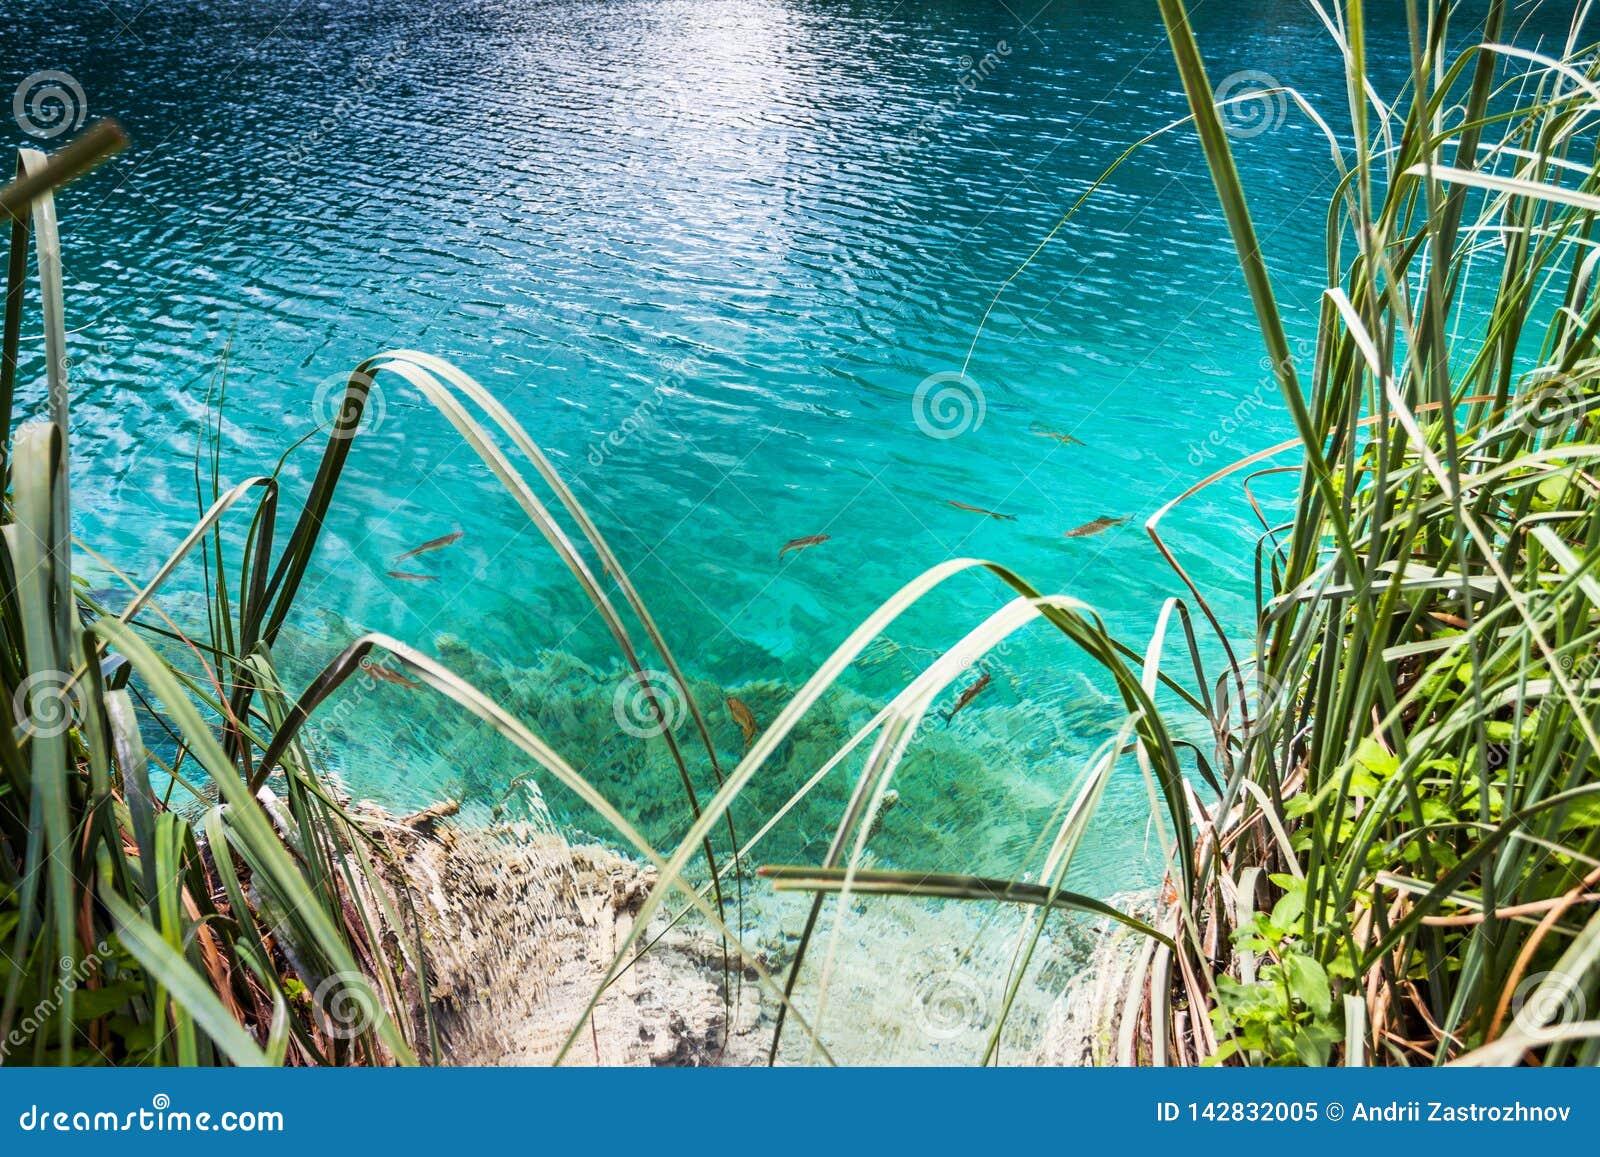 Rybi pływanie w jasnej turkus wodzie przy brzeg jezioro Plitvice, park narodowy, Chorwacja